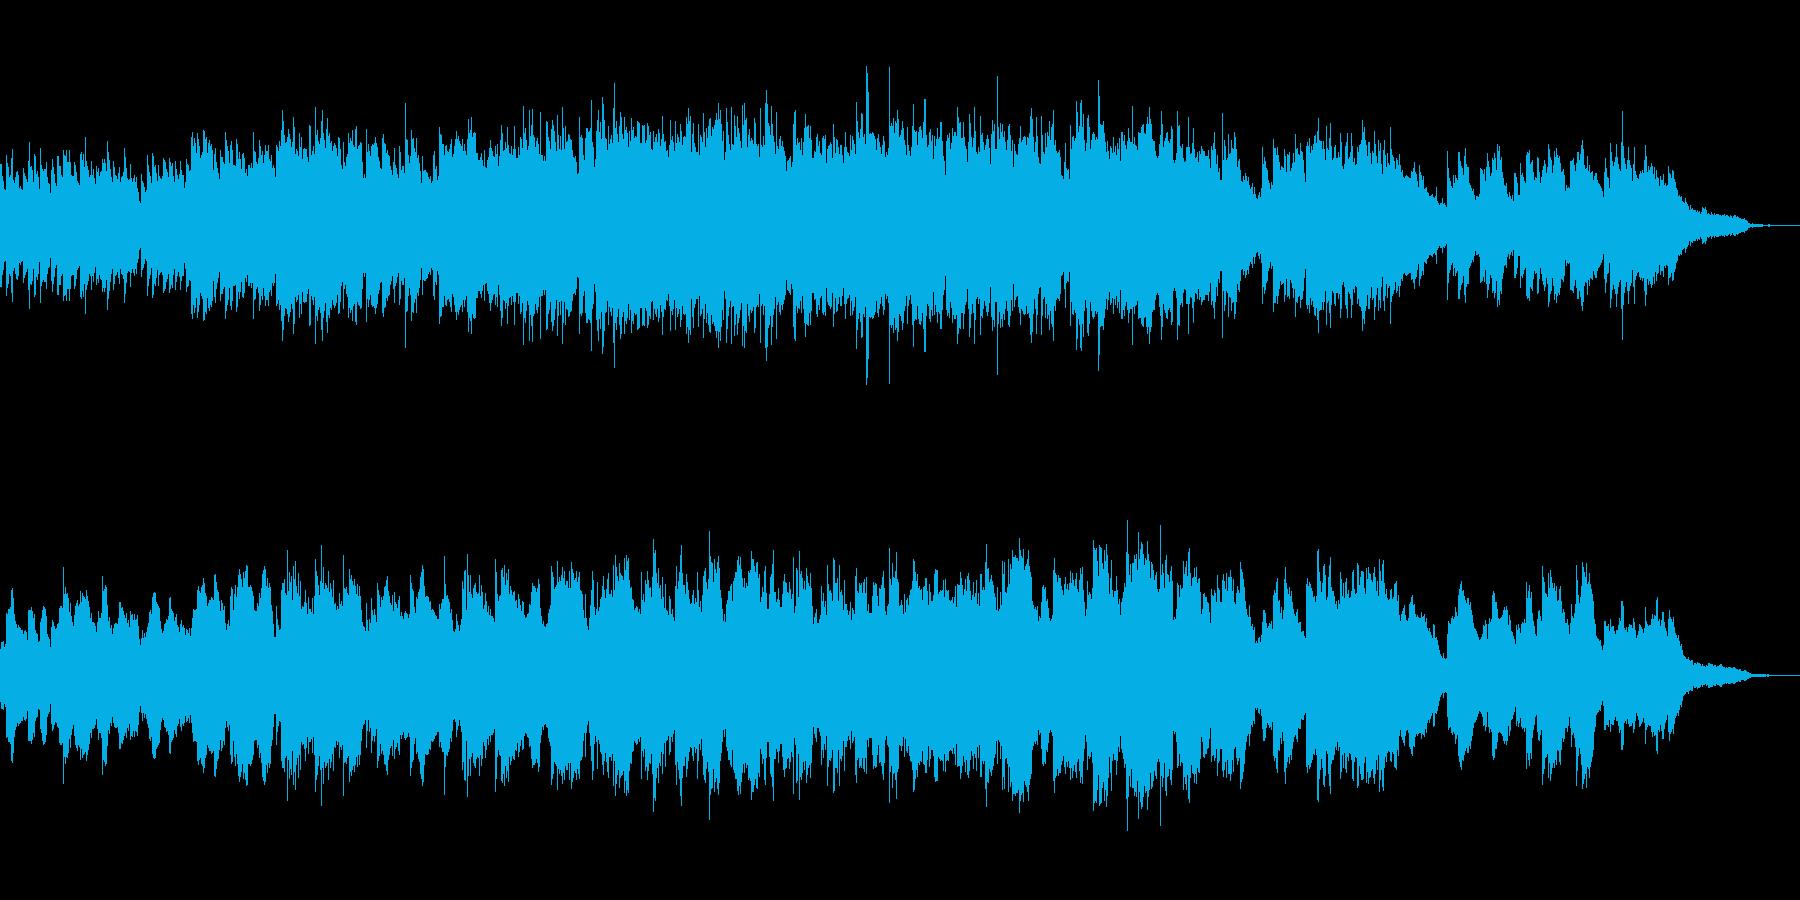 エレピとストリングスのバラードの再生済みの波形